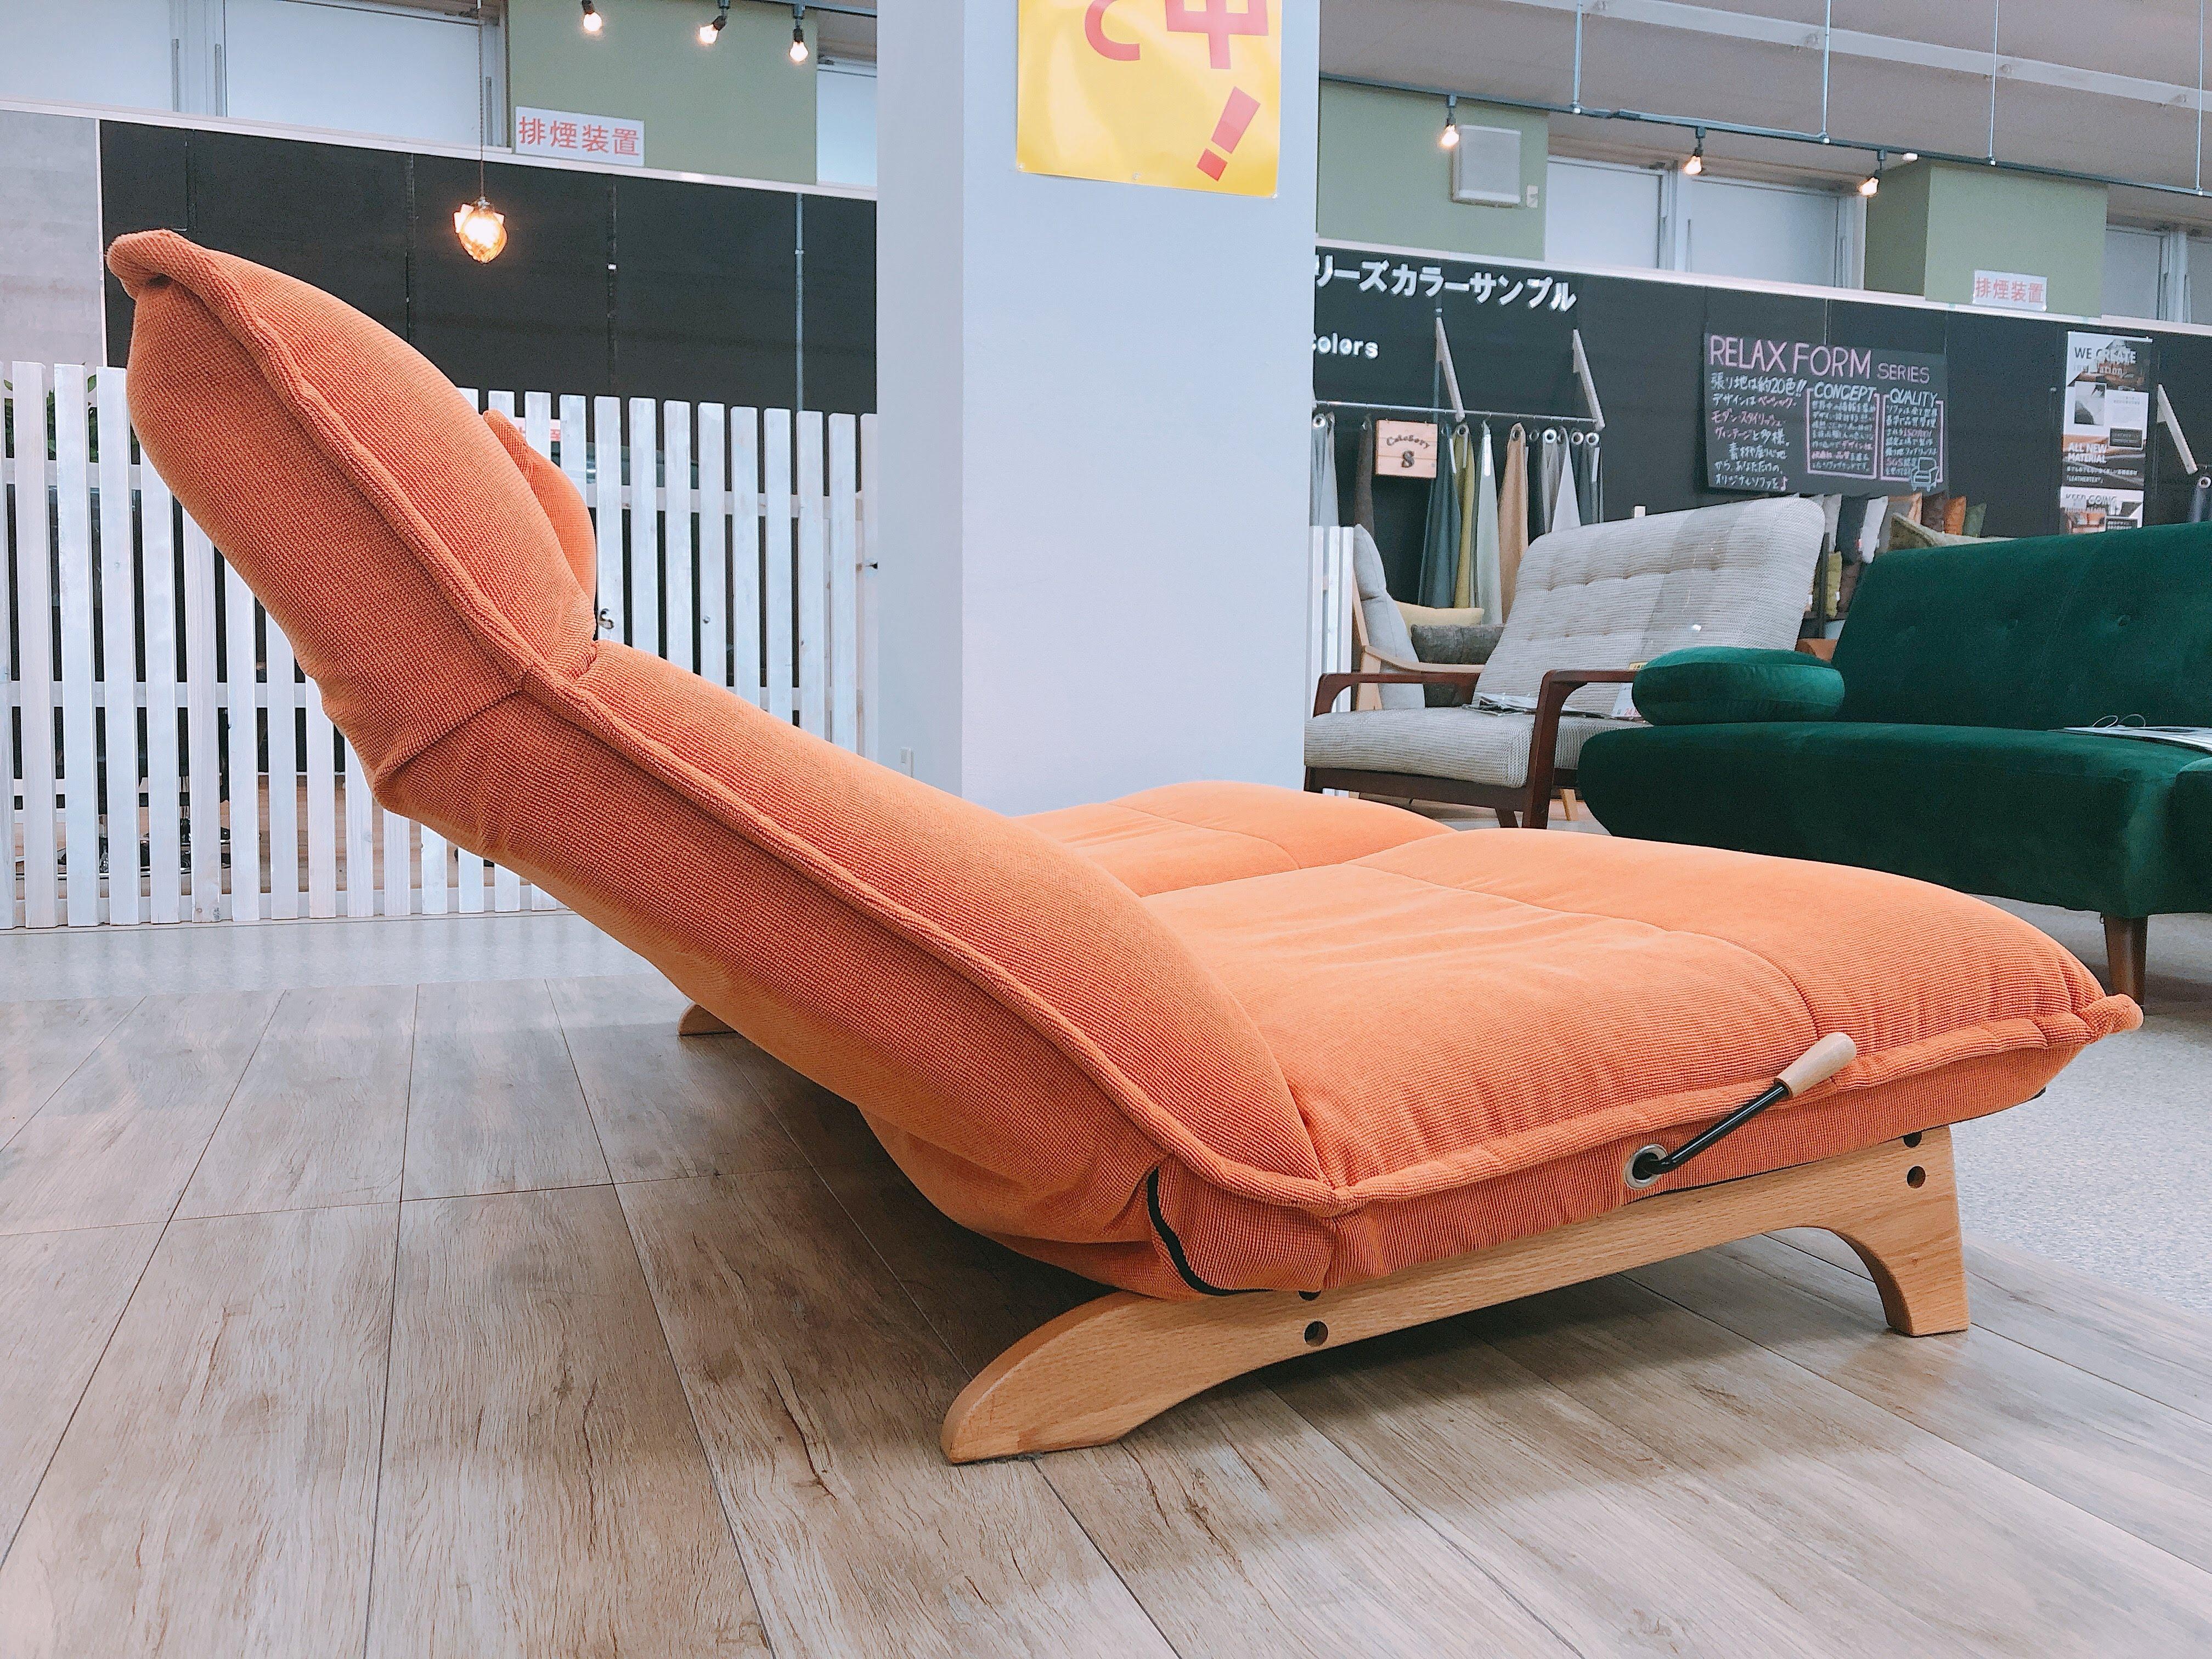 2人掛けリクライニングソファー モデルチェンジのための画像4